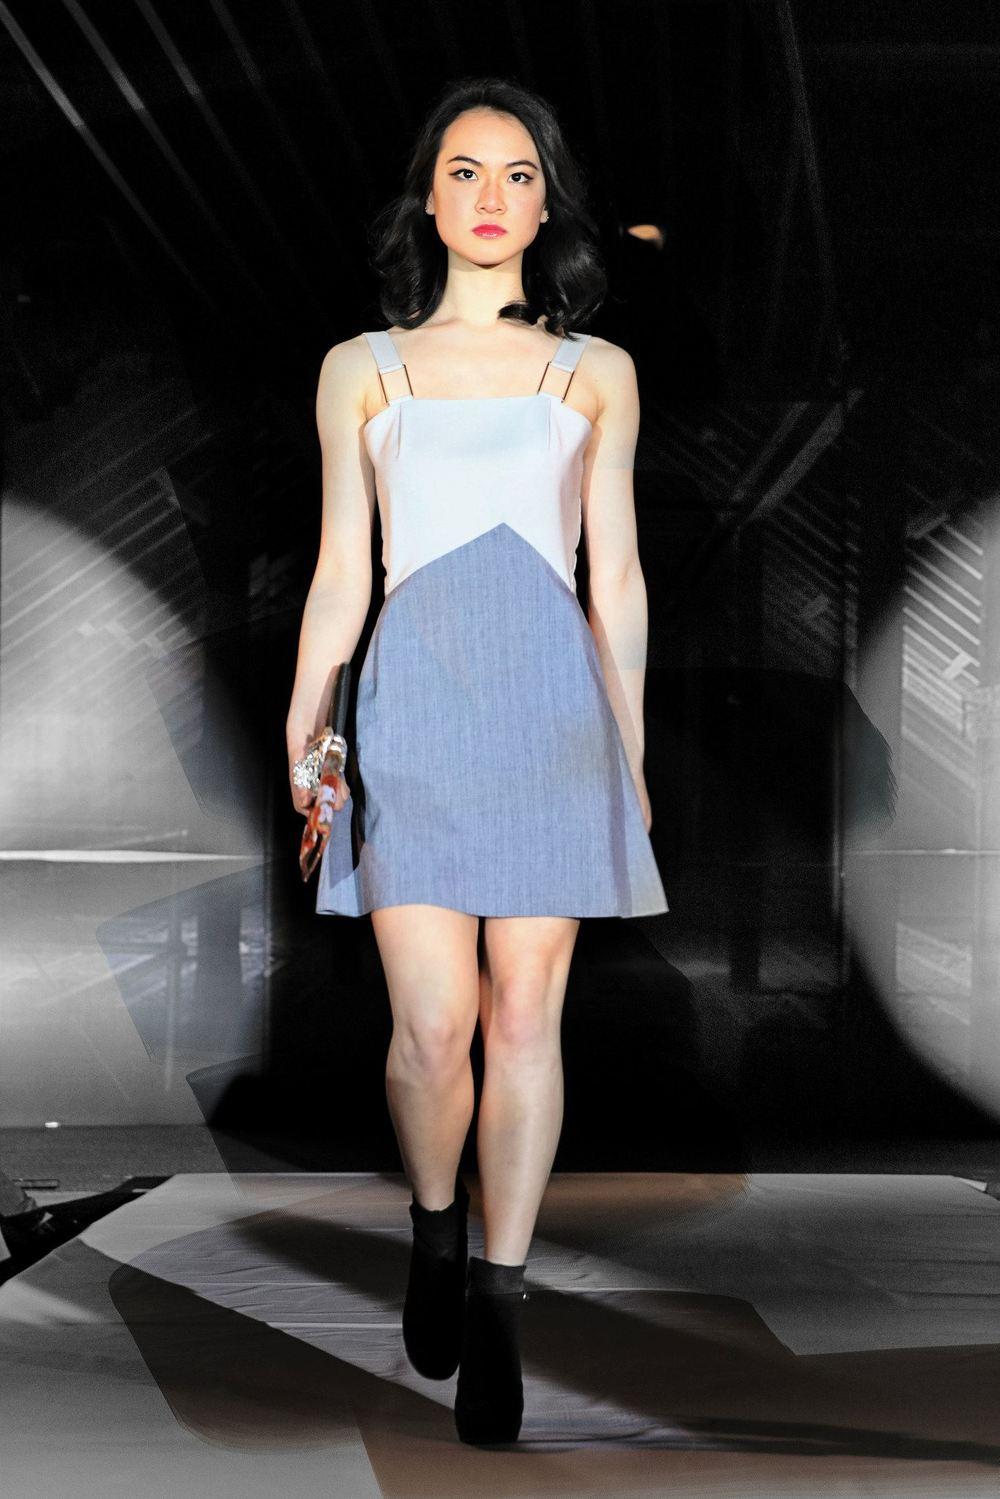 Model: Caitlin | Photography: SH Design House